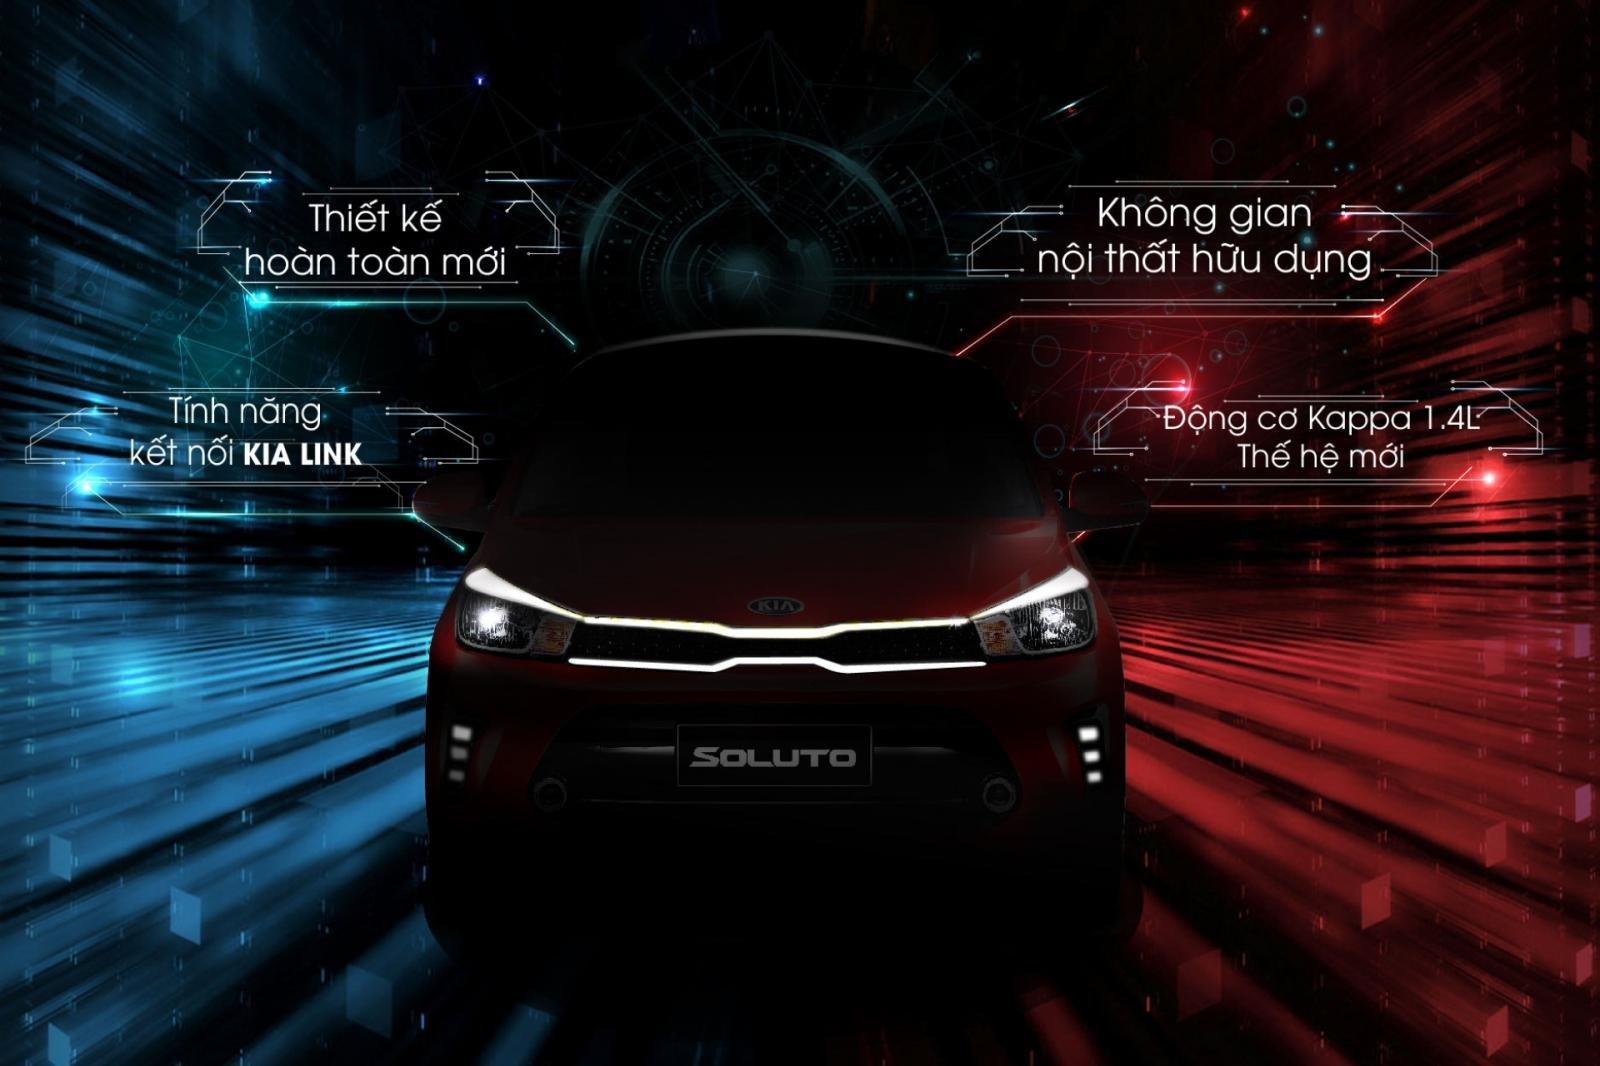 Hé lộ thông tin xe Kia Soluto 2019 sắp ra mắt, Kia Link lần đầu áp dụng a1